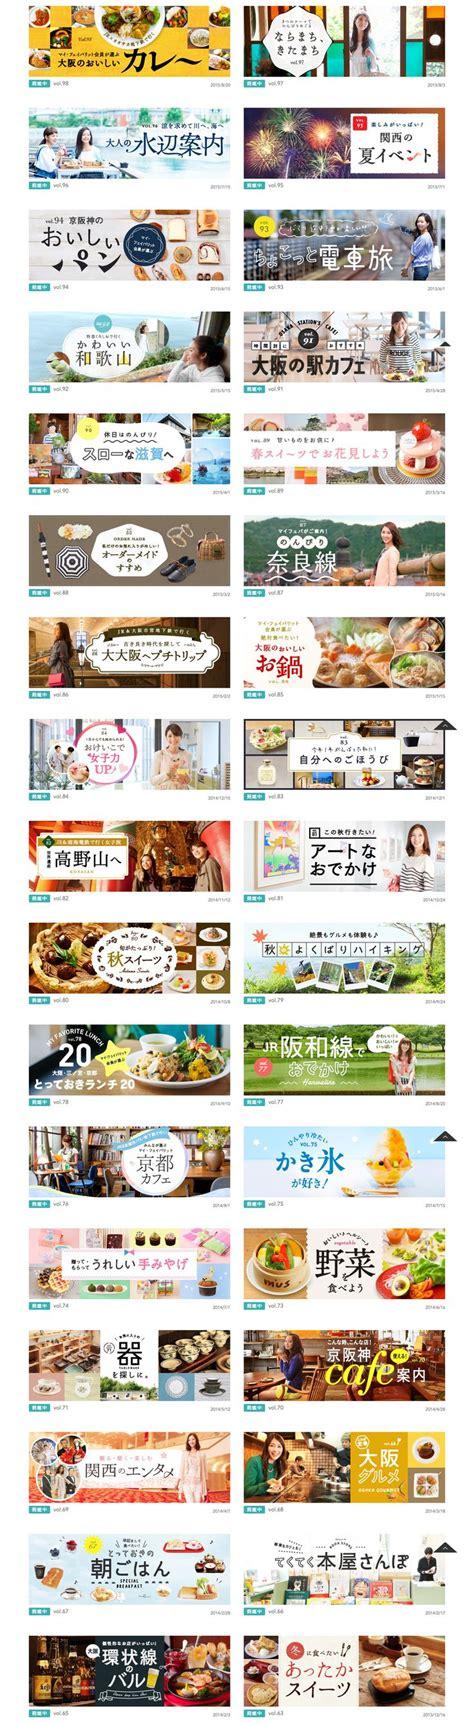 graphic design layout tutorial best 25 banner design ideas on pinterest banner web